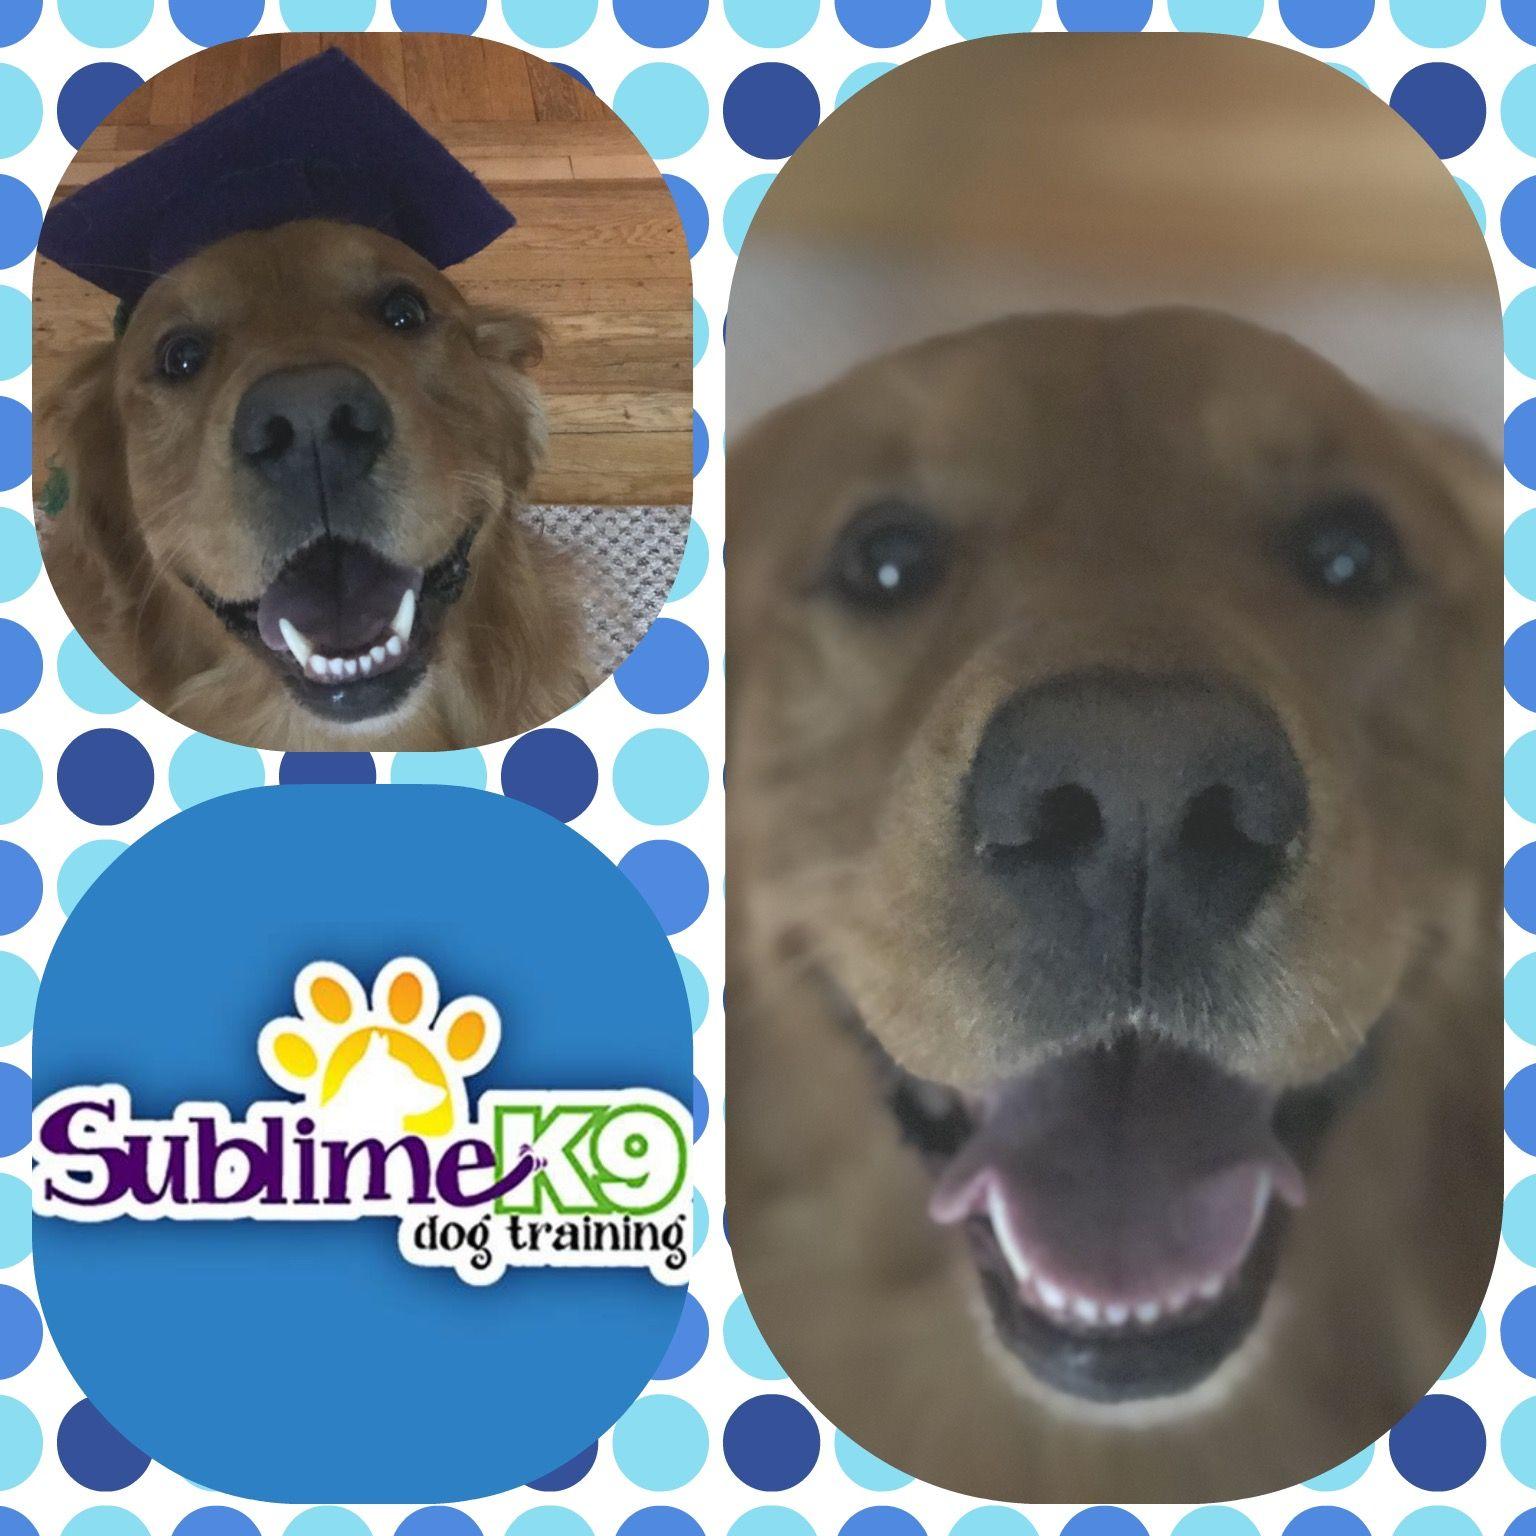 Long Island Dog Trainers Sublime K9 K9 dog training